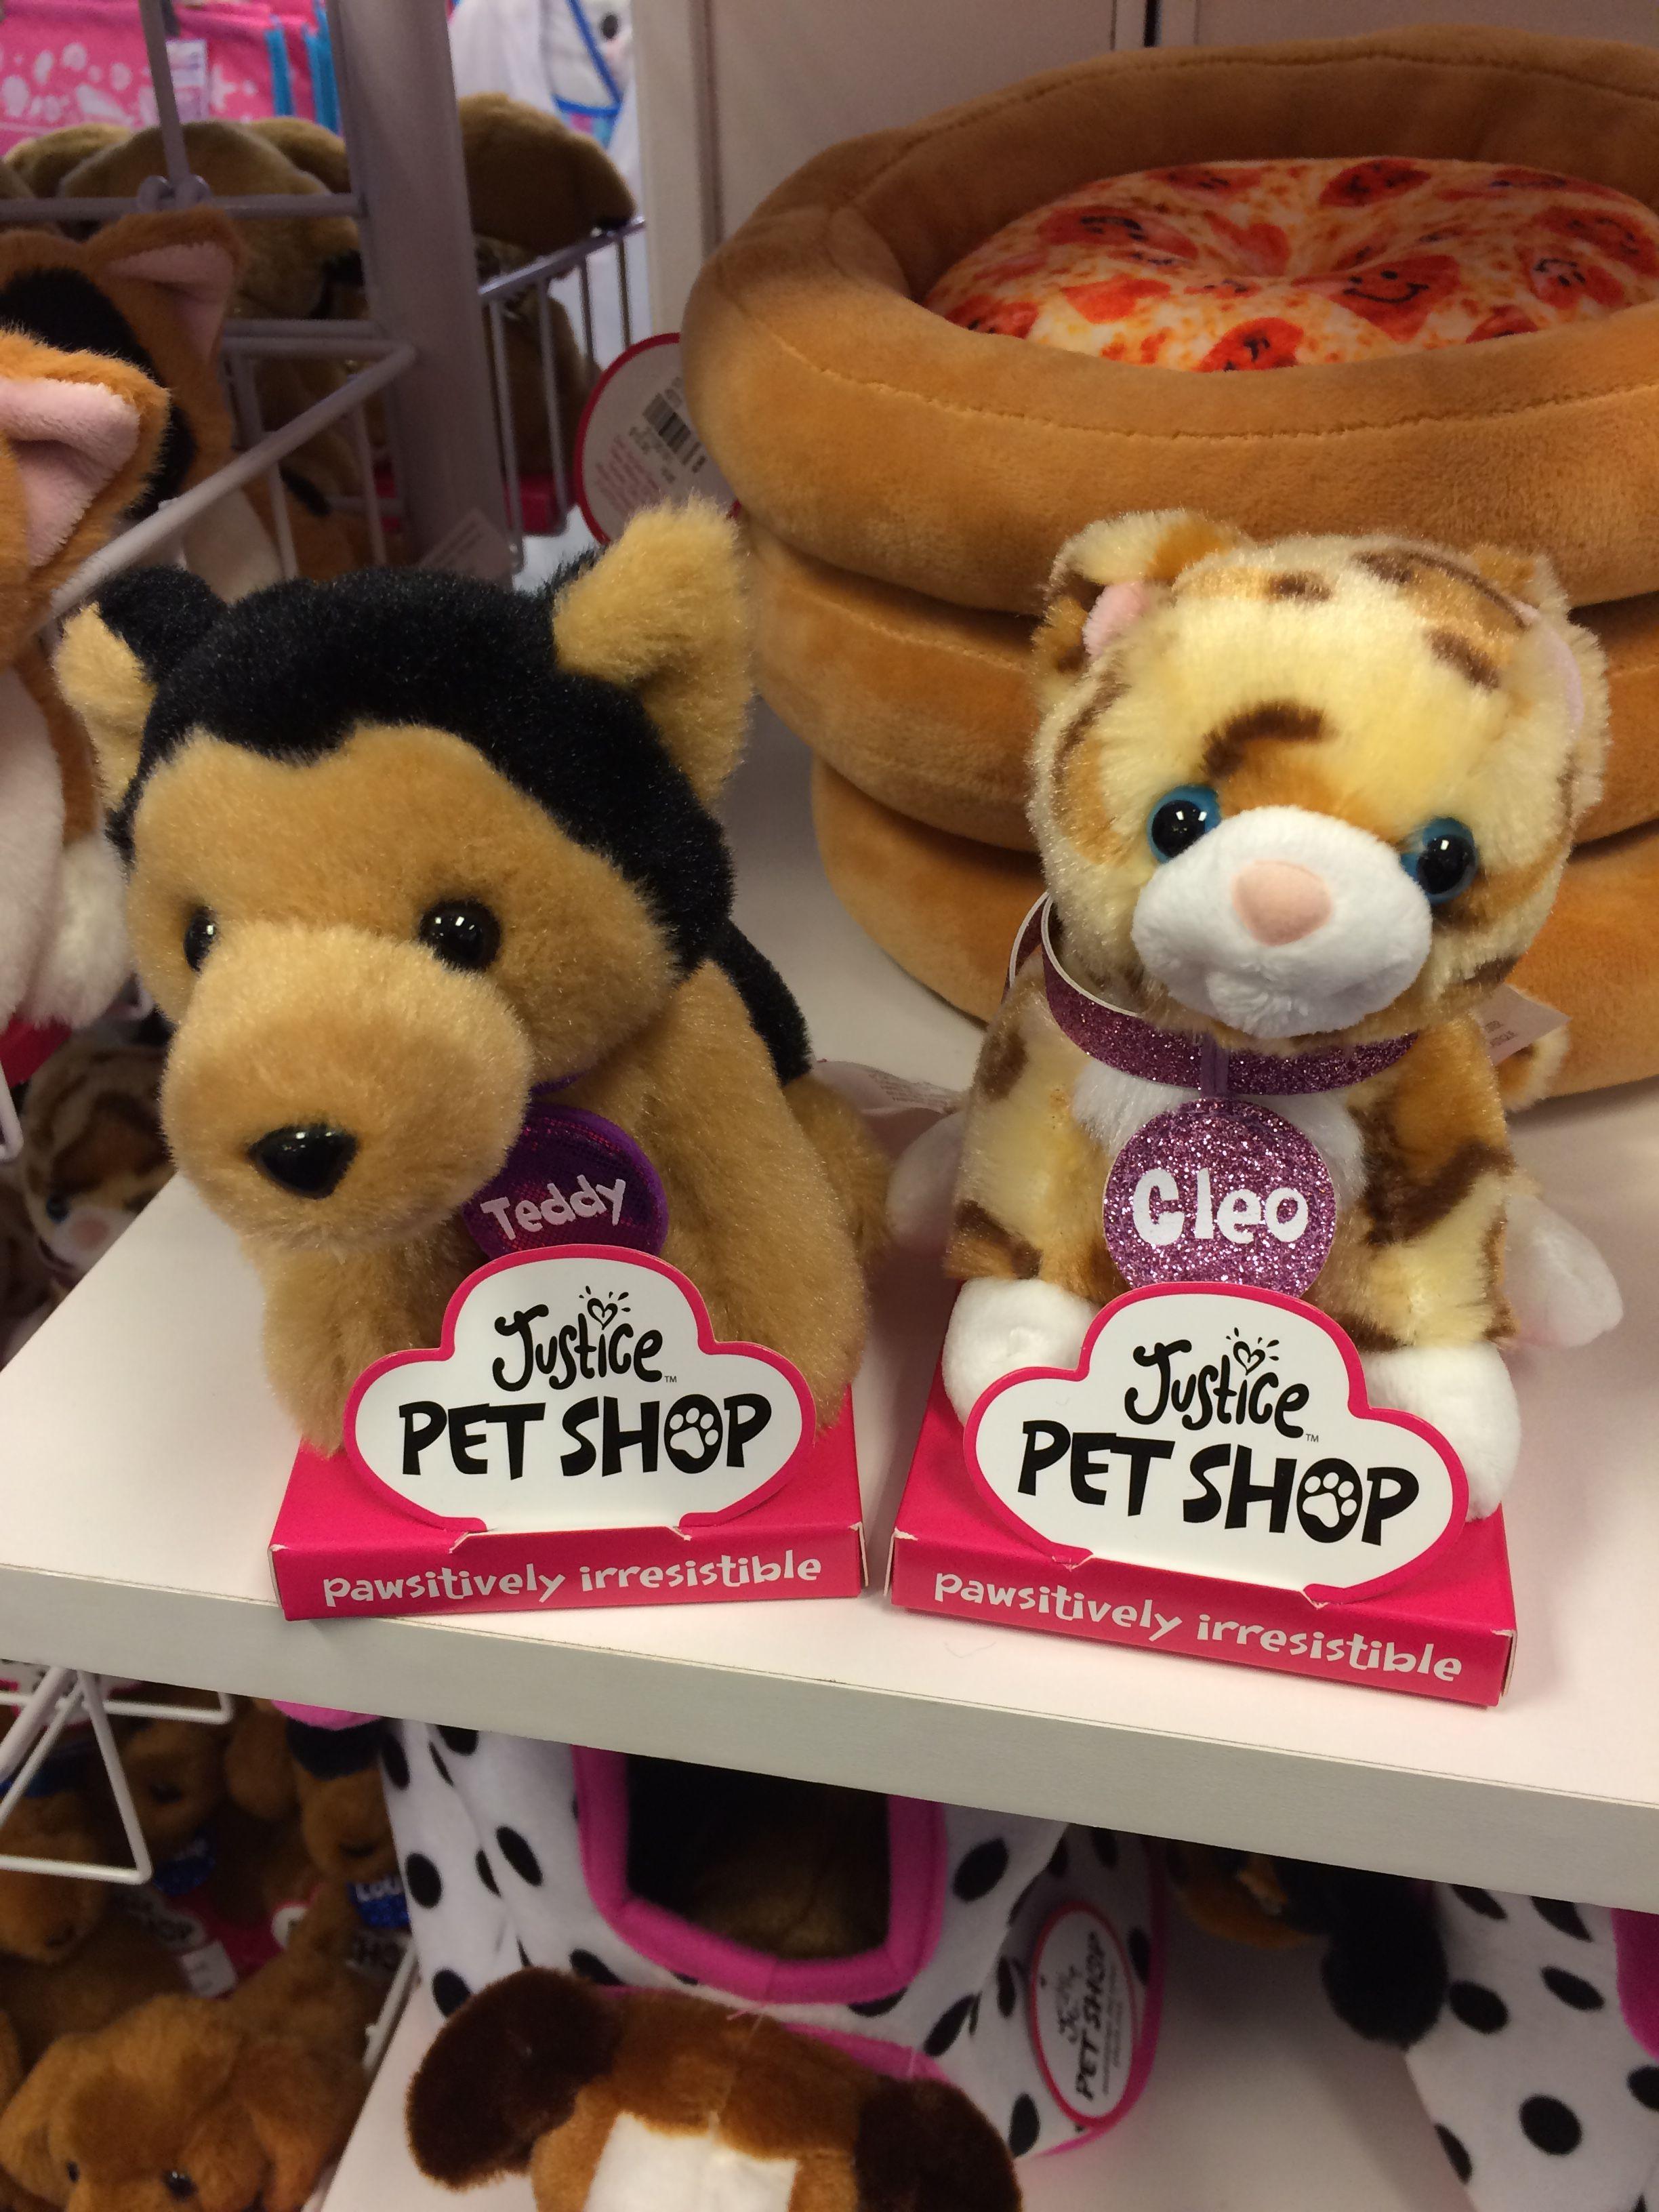 Justice Pet Shop Teddy And Cleo 9 90 Each Pet Shop Pet Toys